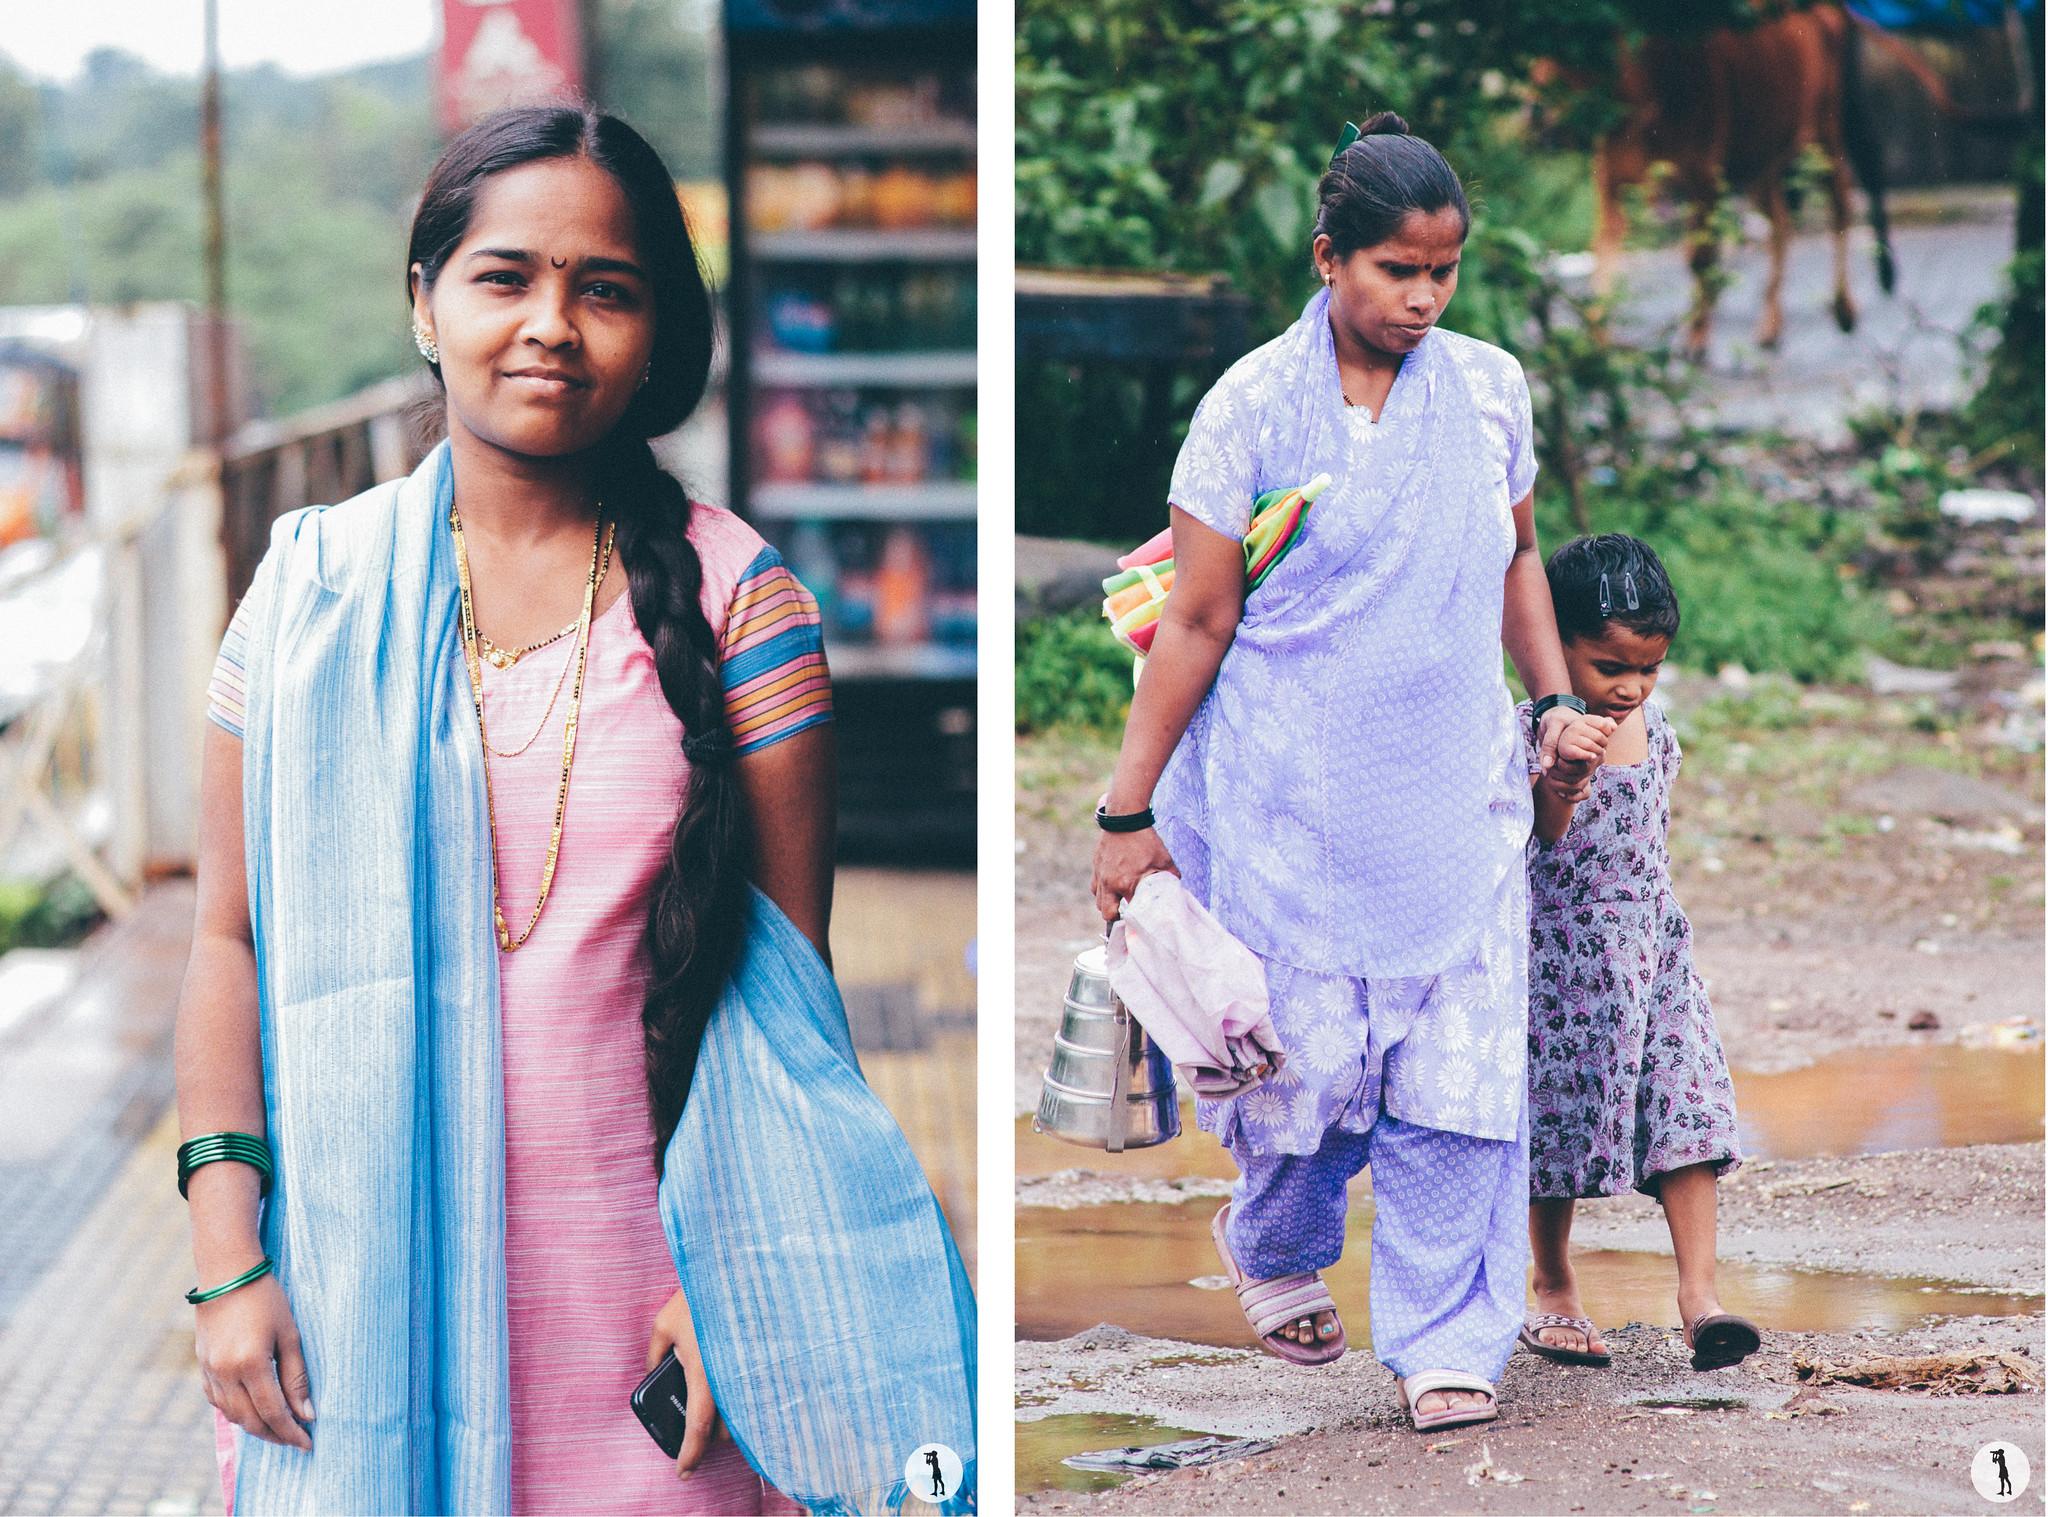 INDIA: Lonavala